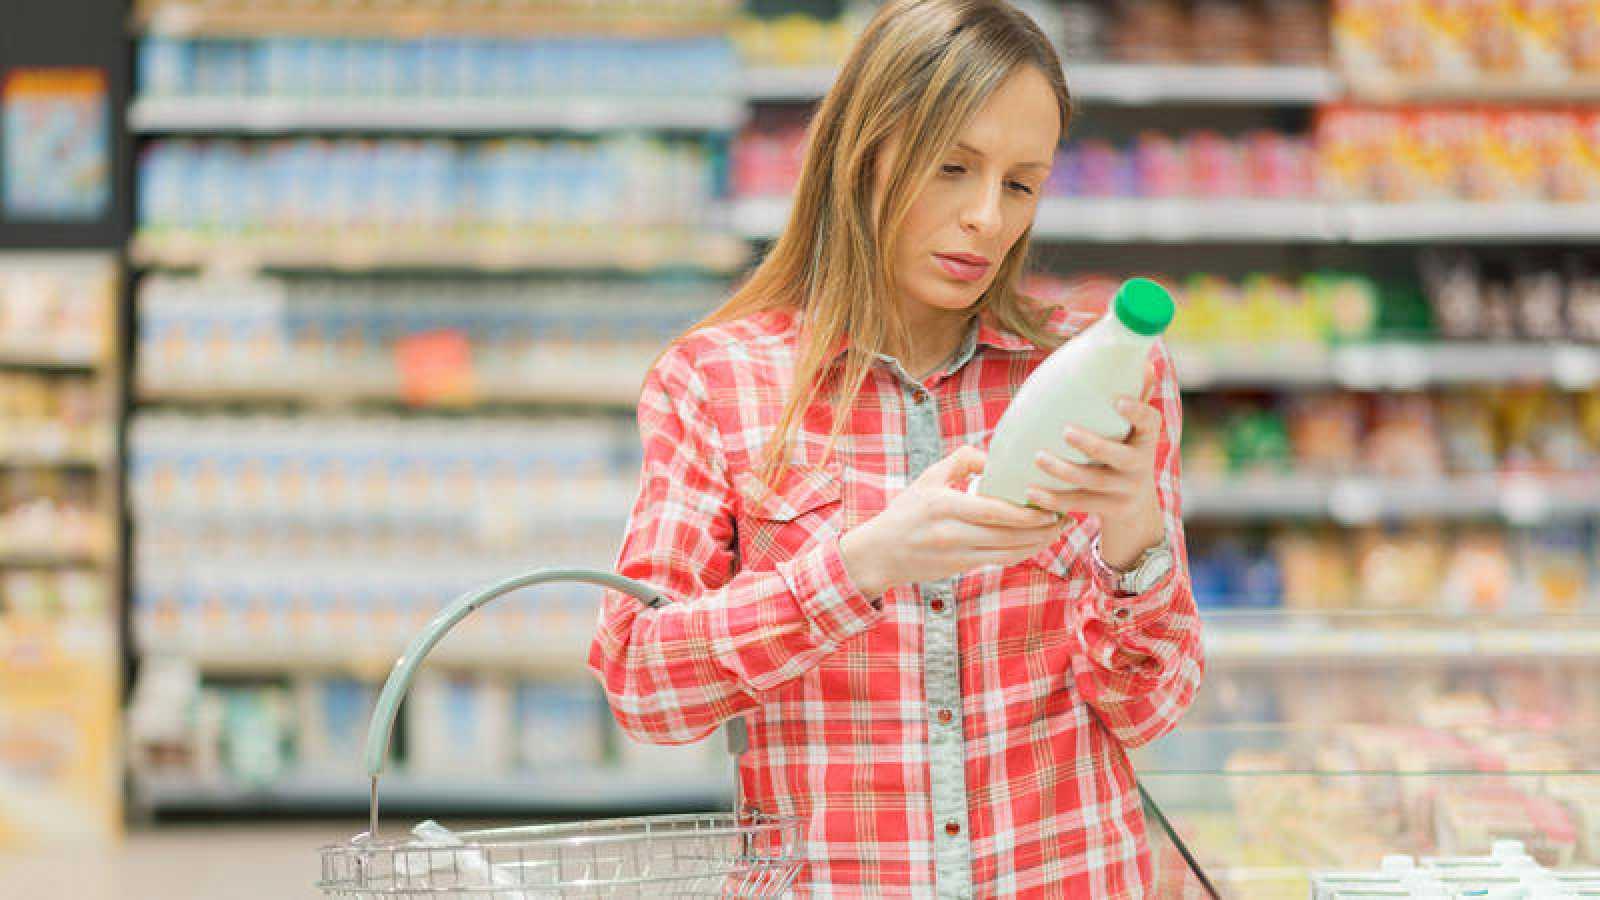 Los productos lácteos comercializados en España deberán indicar en su etiquetado el país de origen de la leche usada.